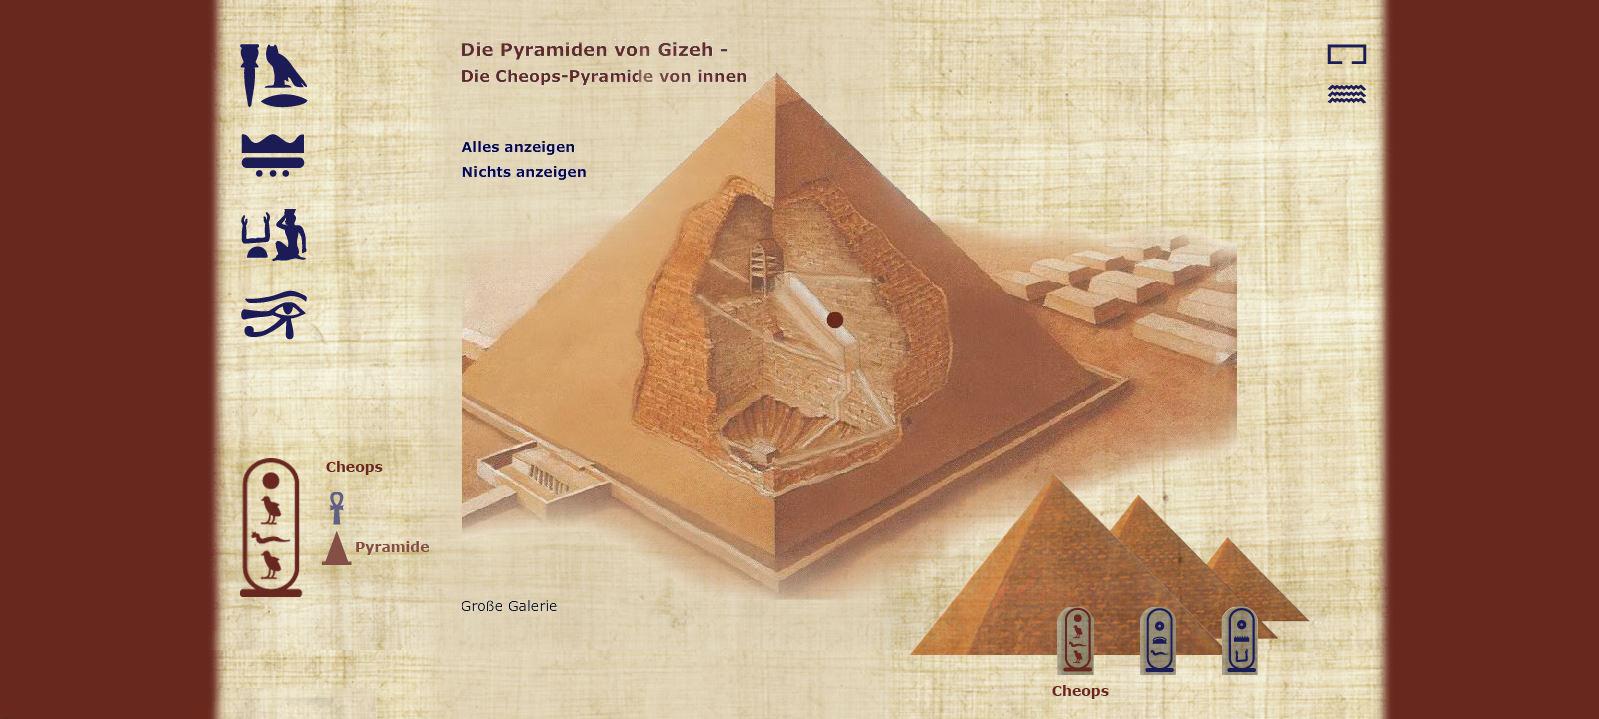 Die Pyramiden von Gizeh - Cheops - Pyramide - Infografik